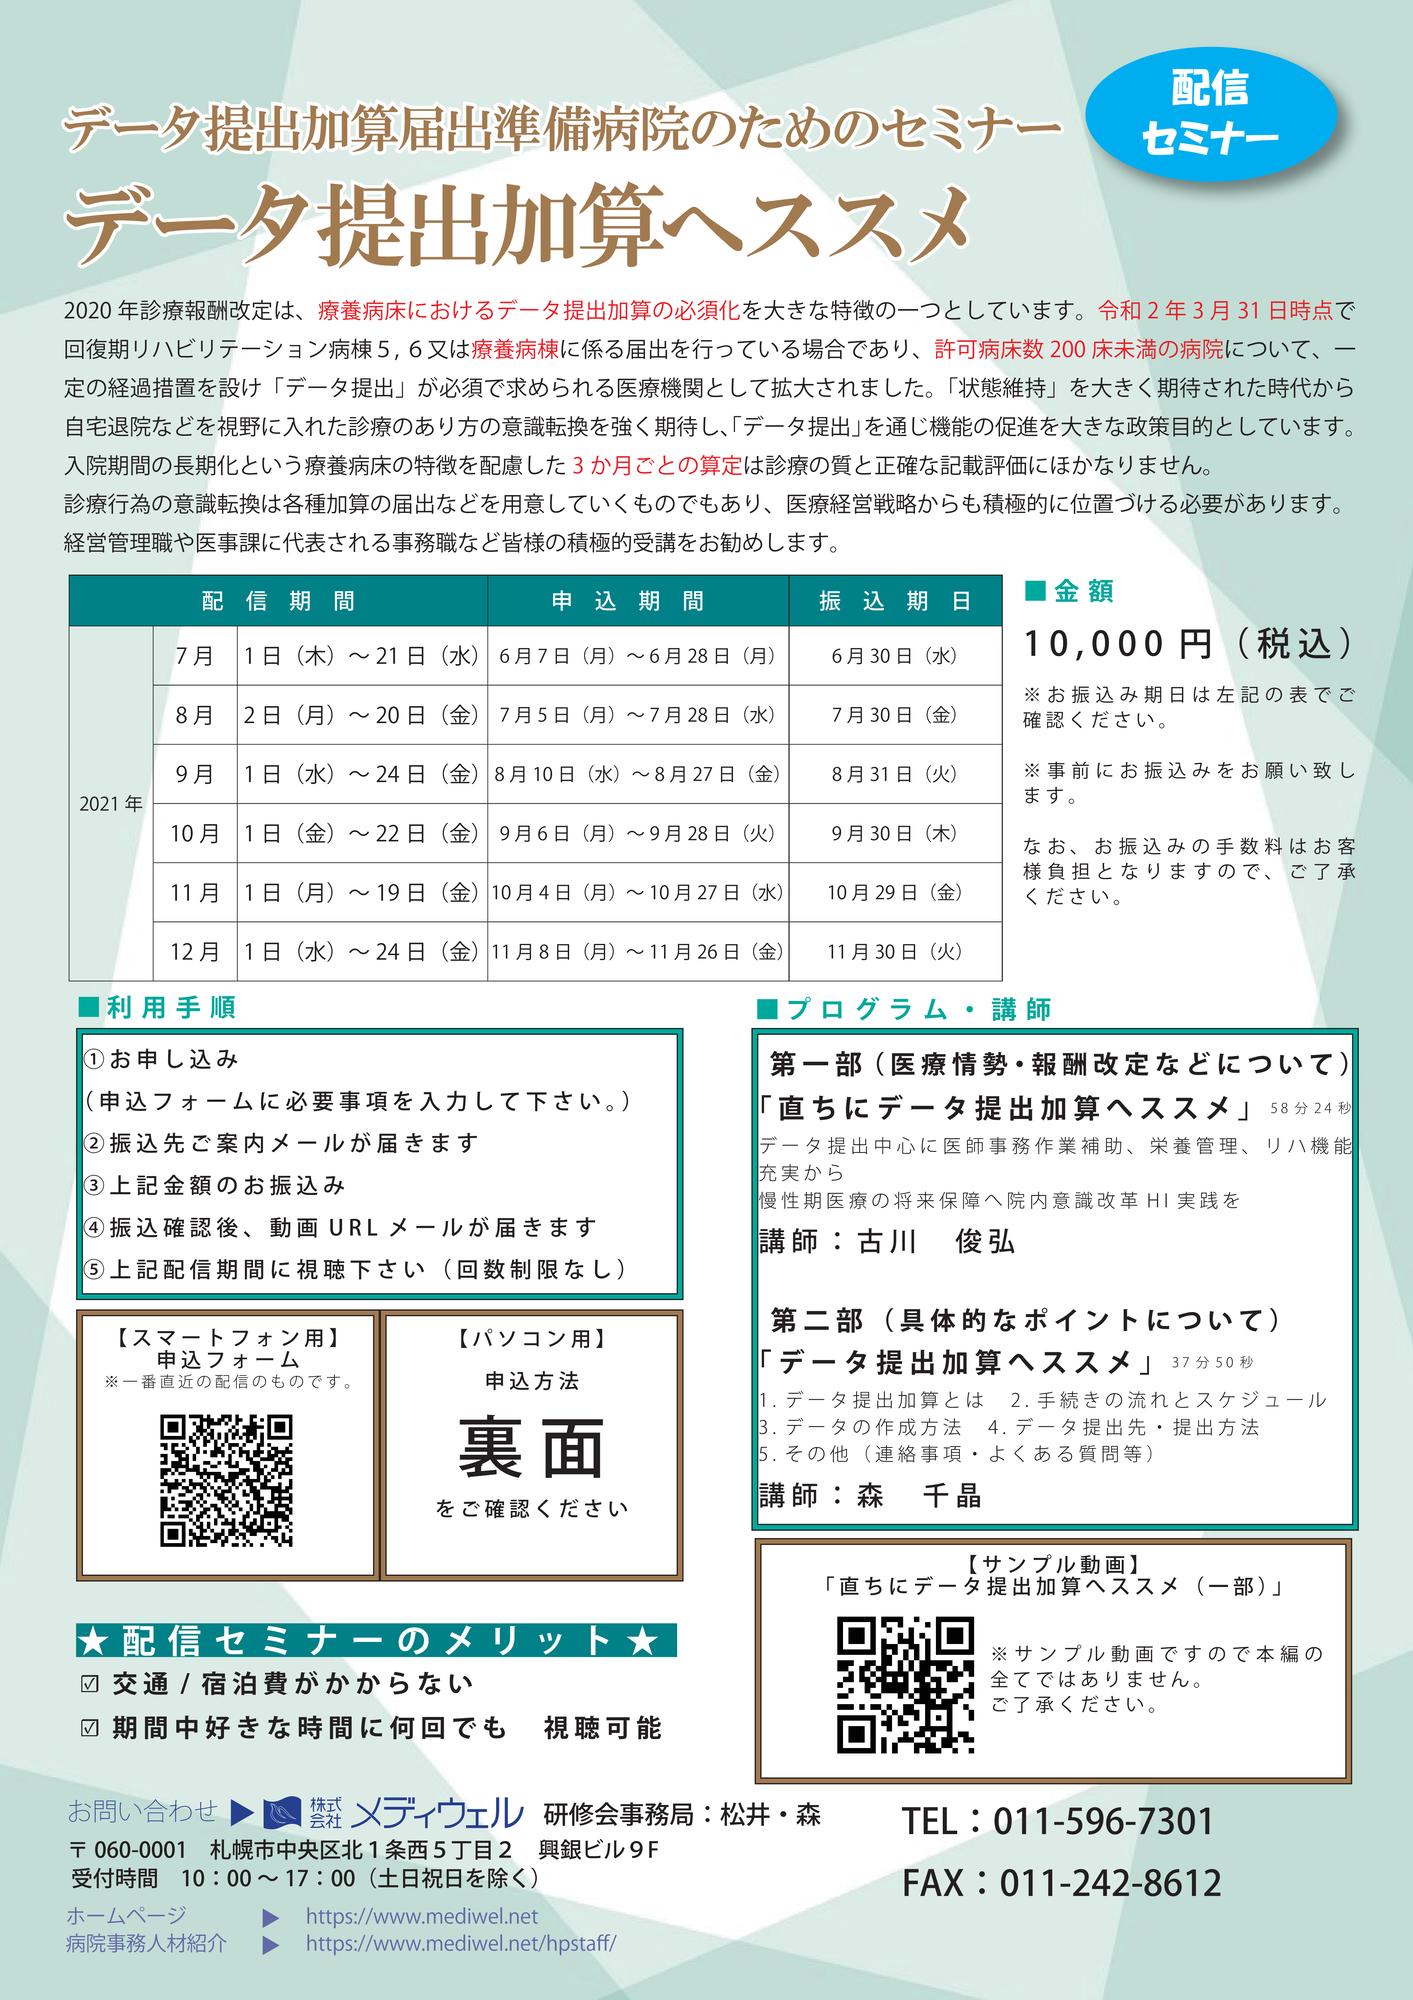 【7-12月配信】データ提出加算へススメ